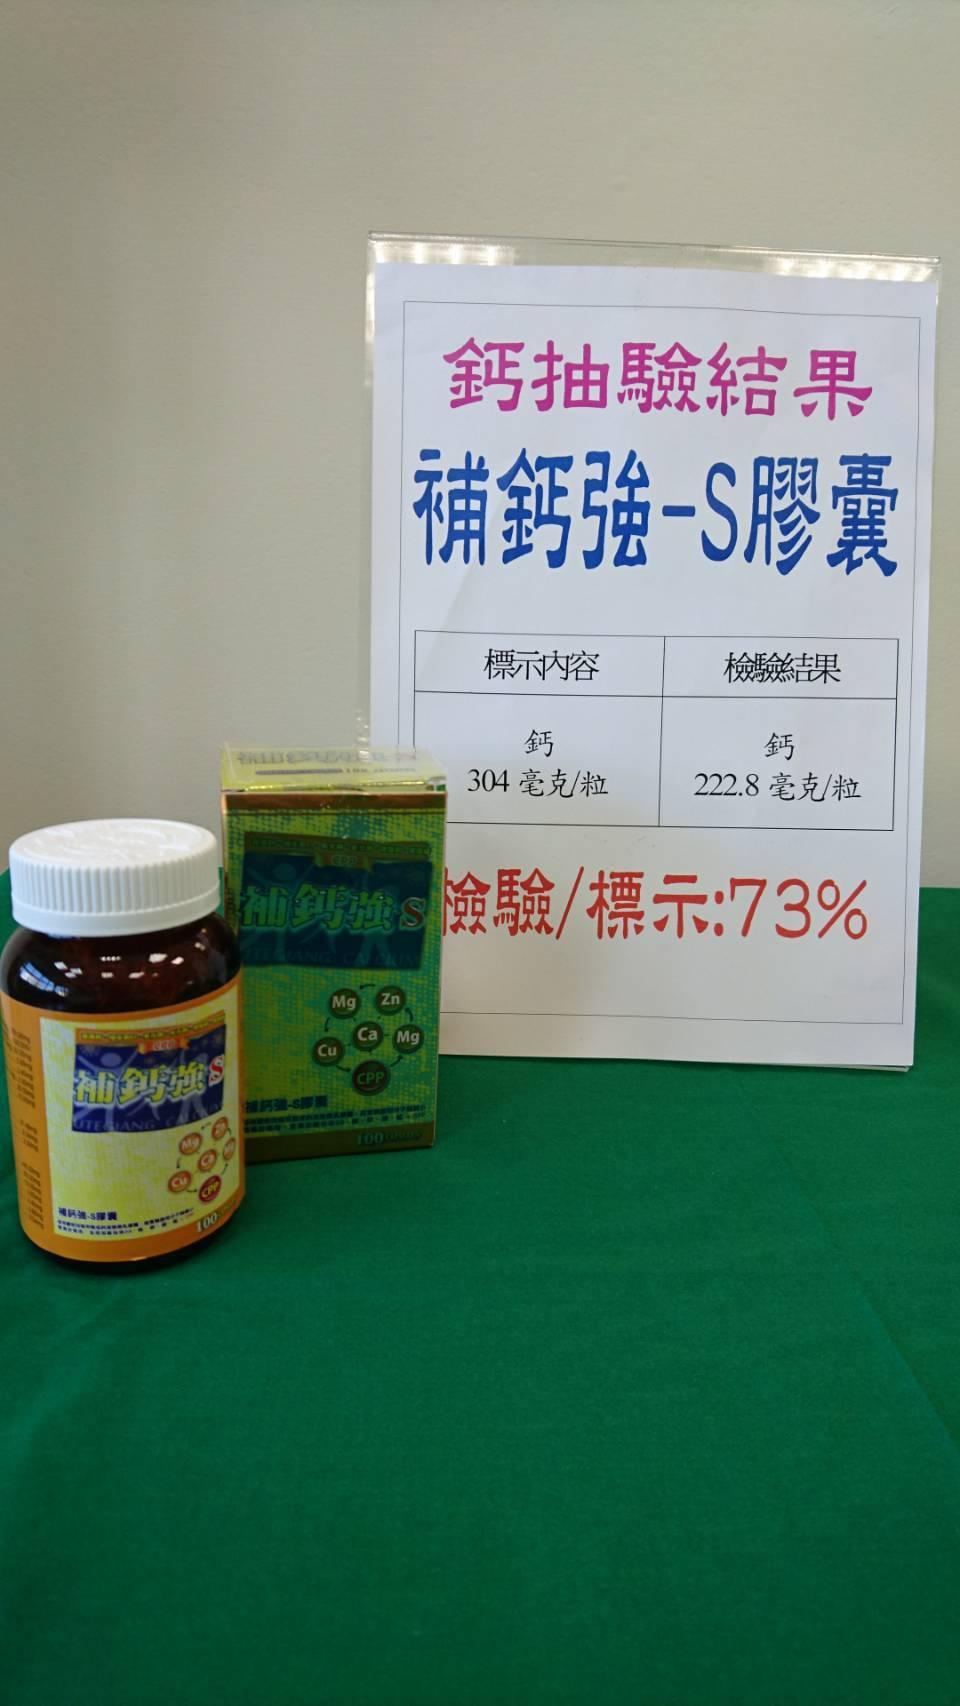 彰化縣衛生局公布市售保健食品抽驗結果,1件進口含鈣膠囊食品鈣的檢出量僅為營養標示...